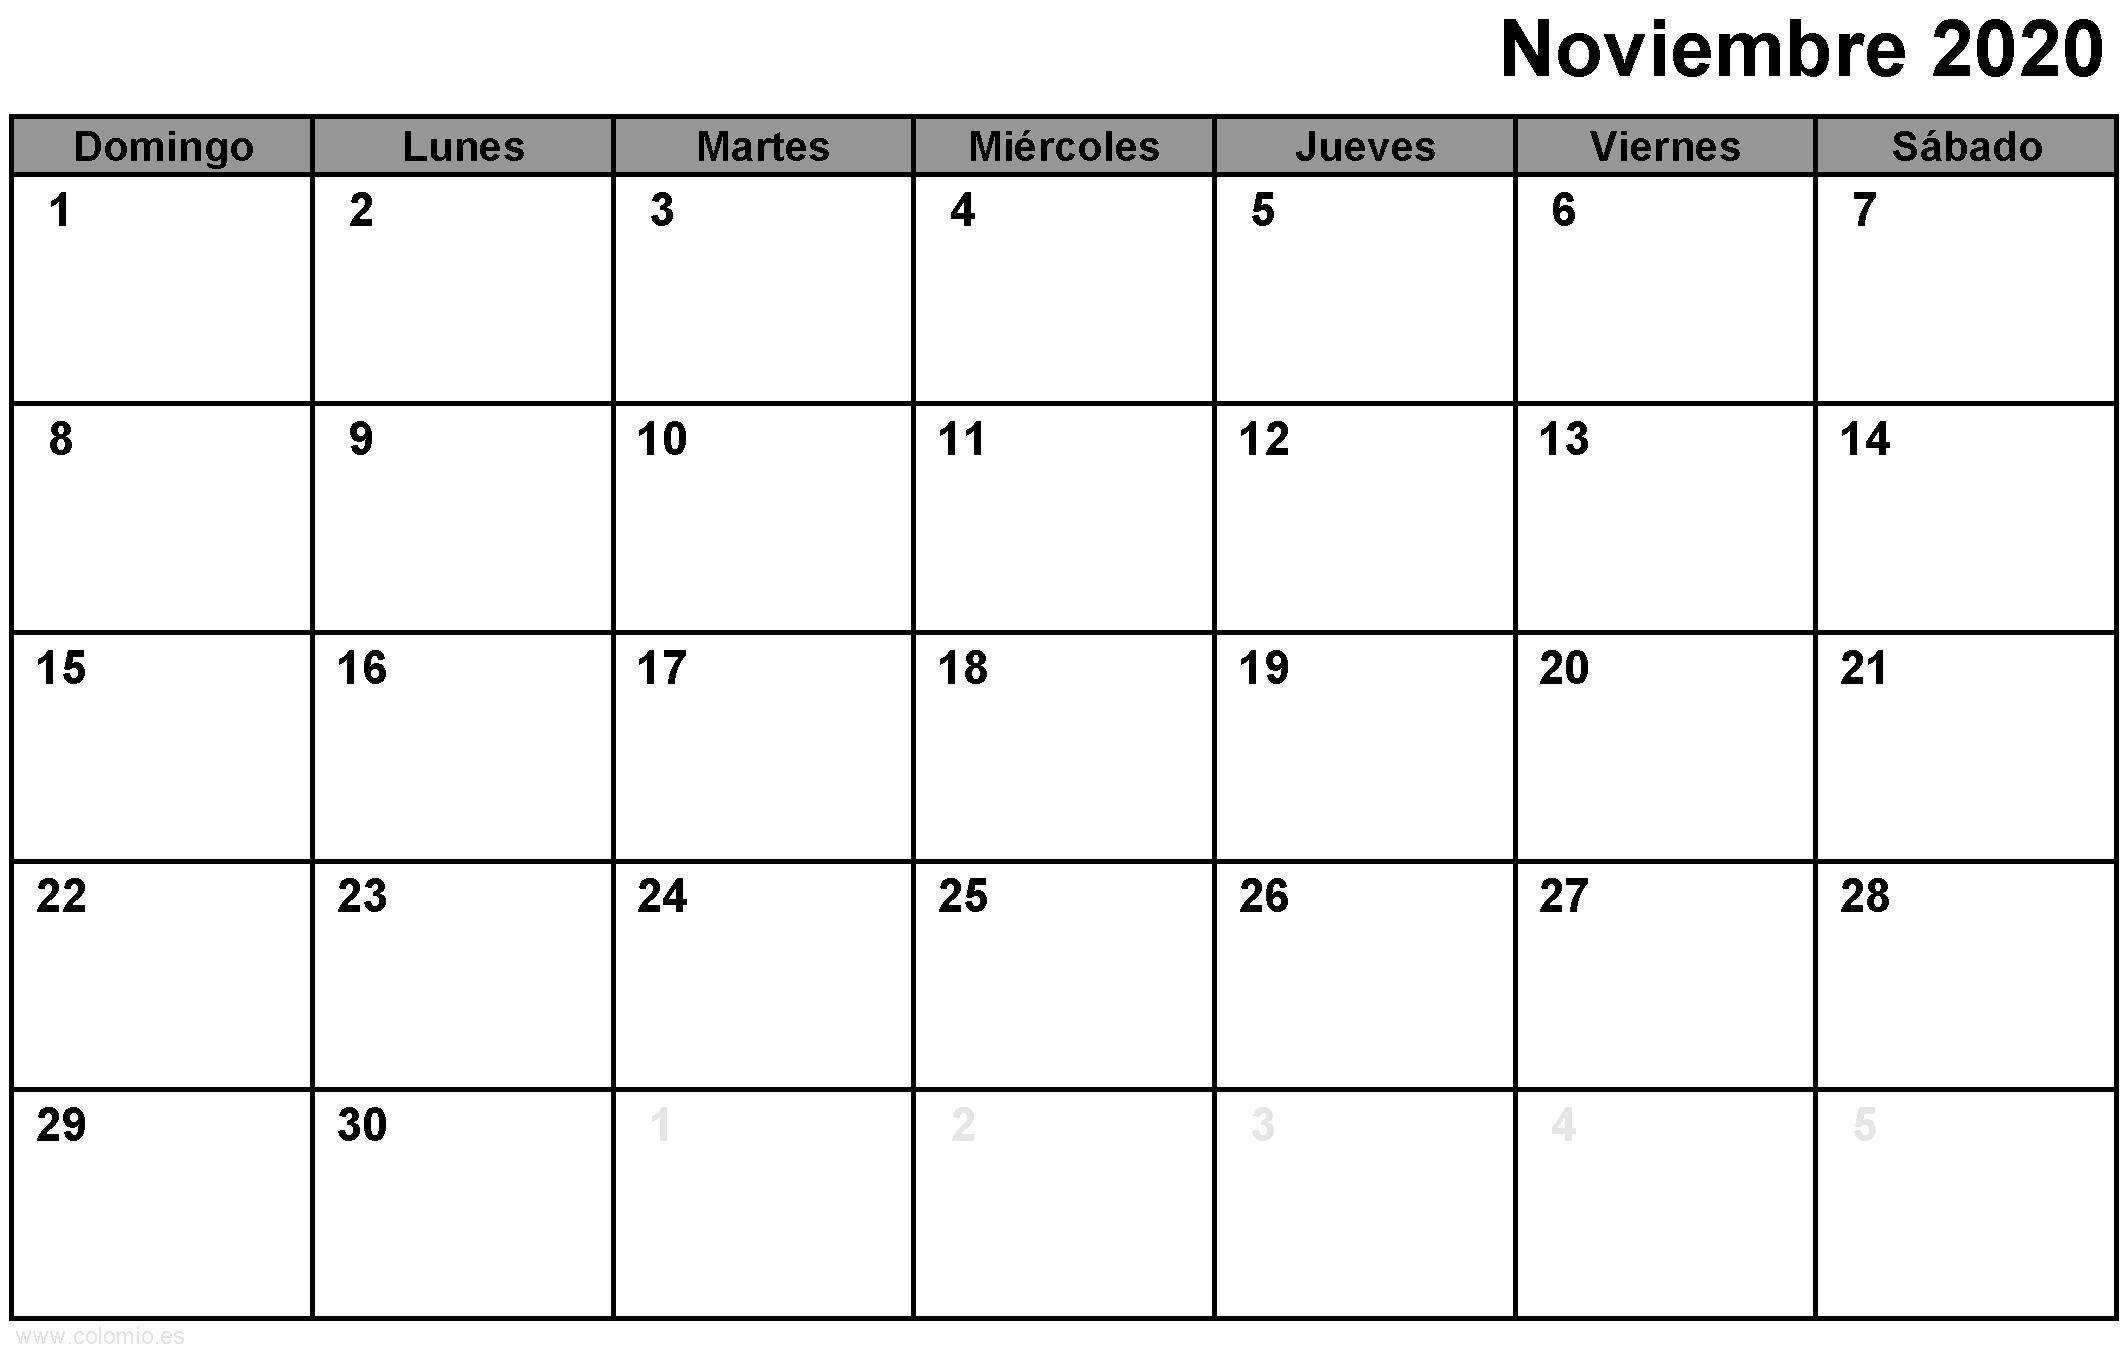 Calendario 2021 Con Meses Y Semanas Como Pdf, Excel Y